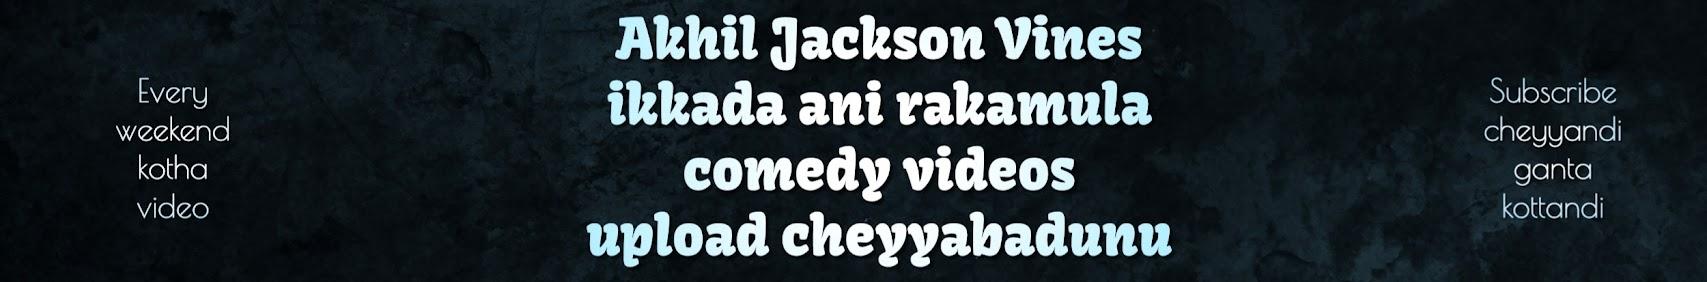 Akhil Jackson Vines